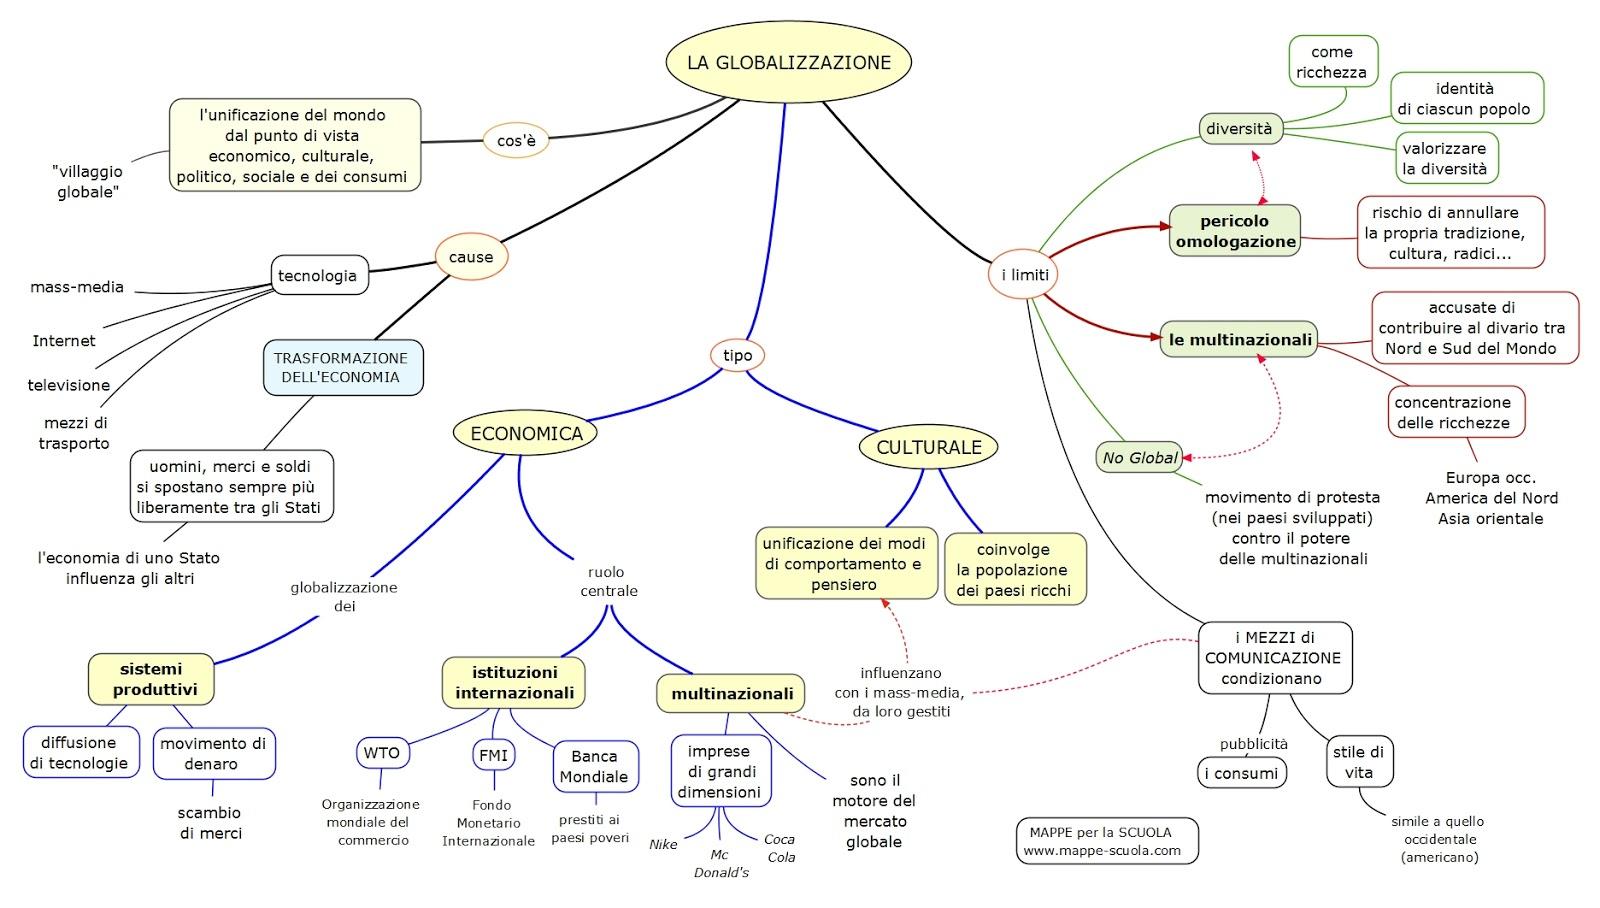 Estremamente MAPPE per la SCUOLA: LA GLOBALIZZAZIONE JT97